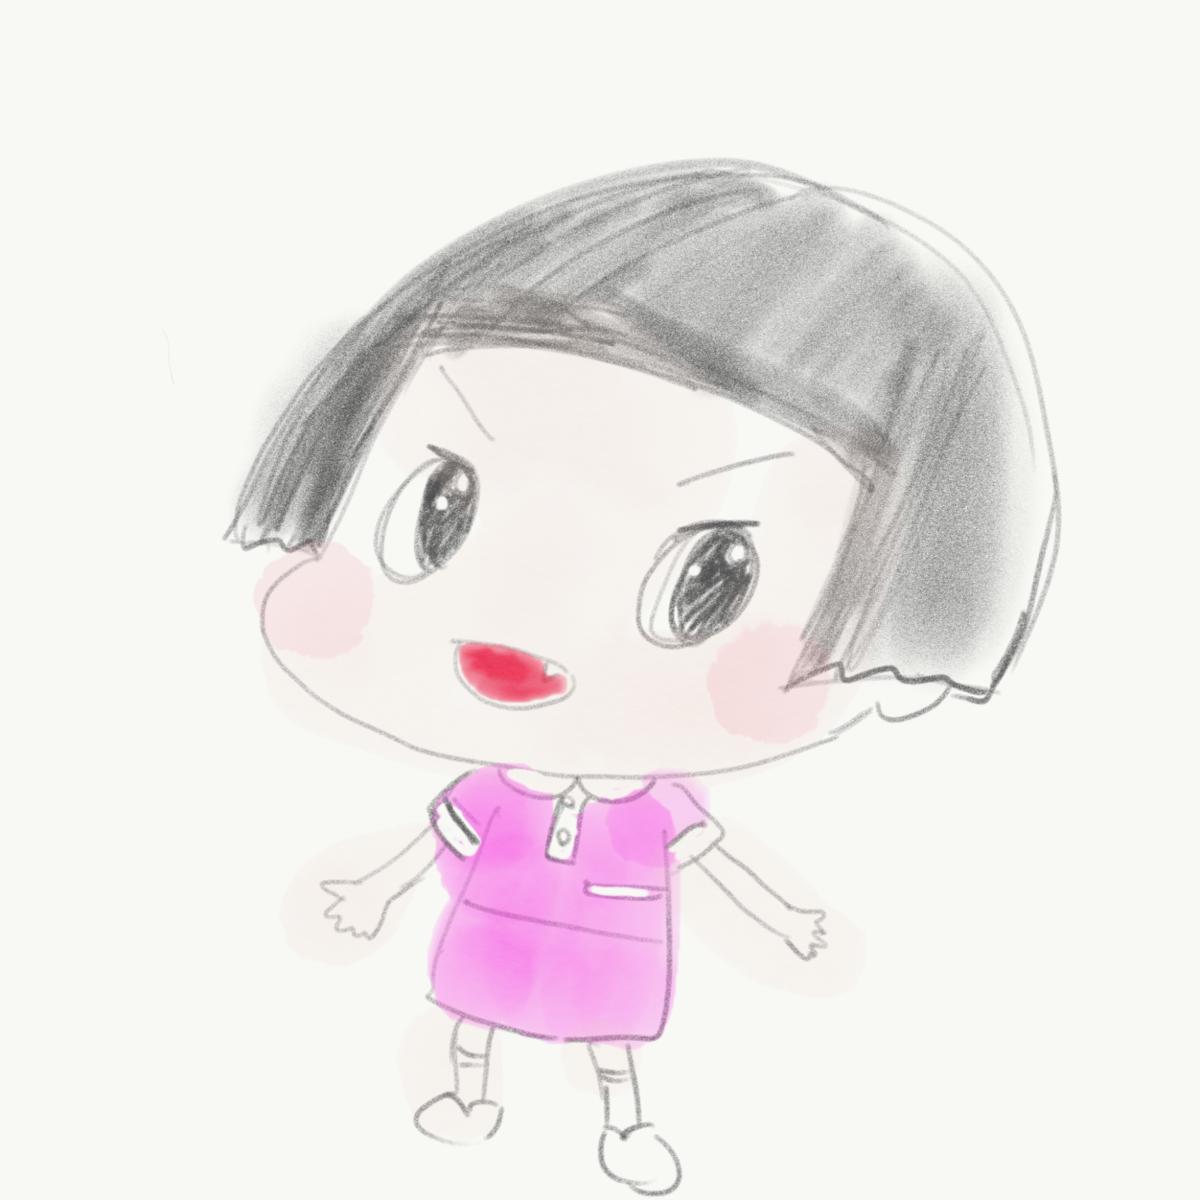 f:id:ma_naru:20190804000020p:plain